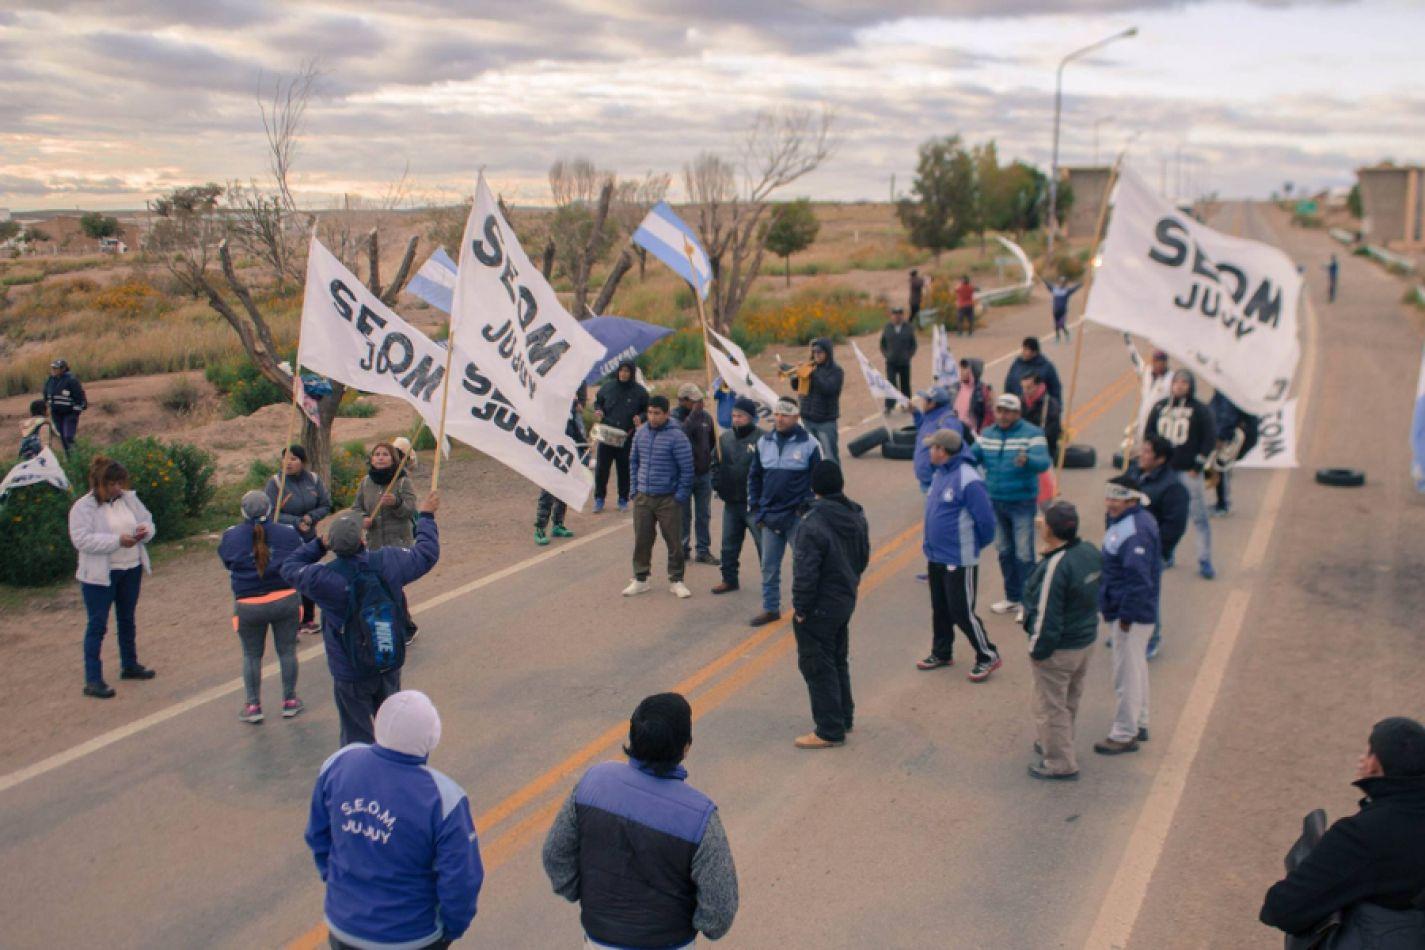 Foto: Prensa Seom